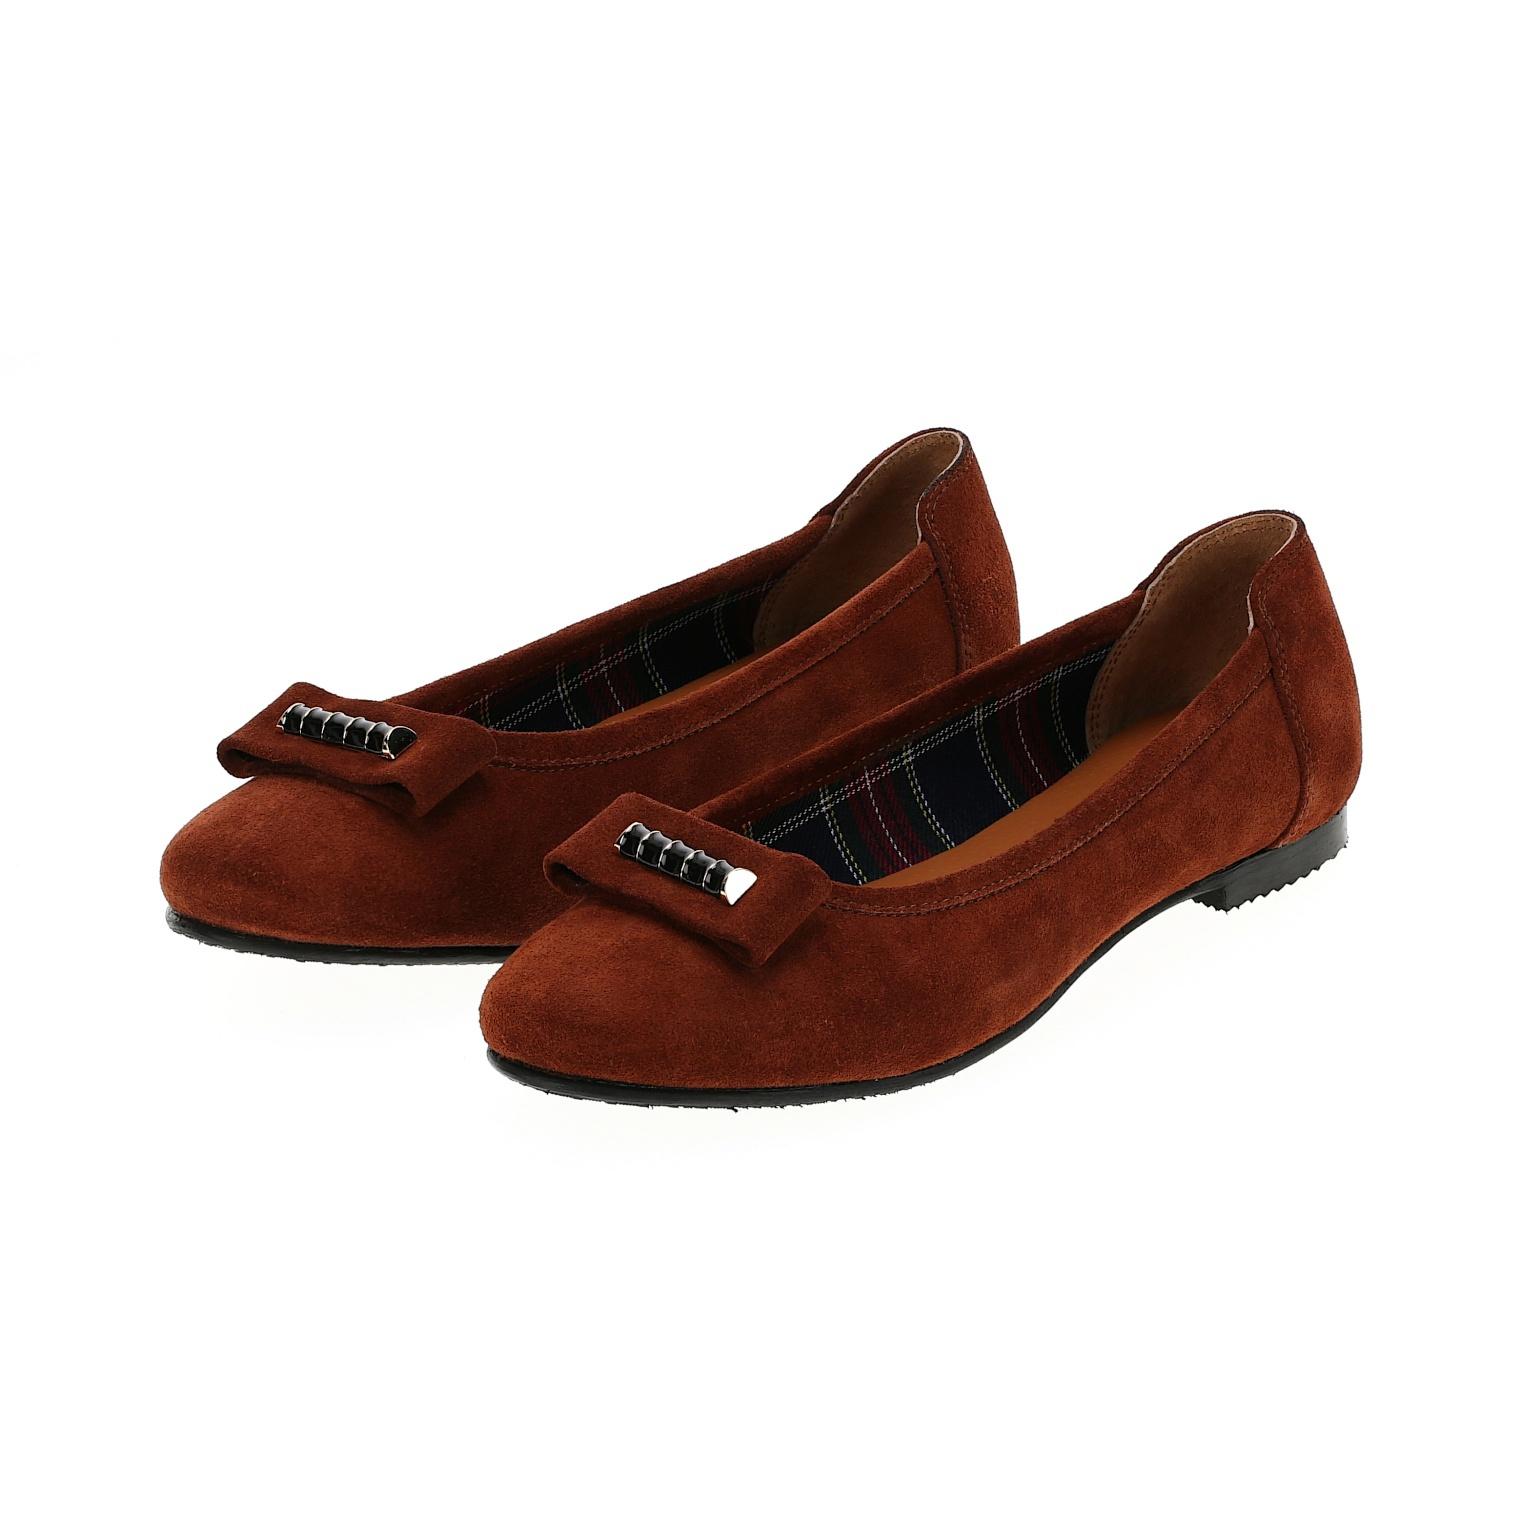 568298 Туфли женские терракот замша больших размеров марки Делфино